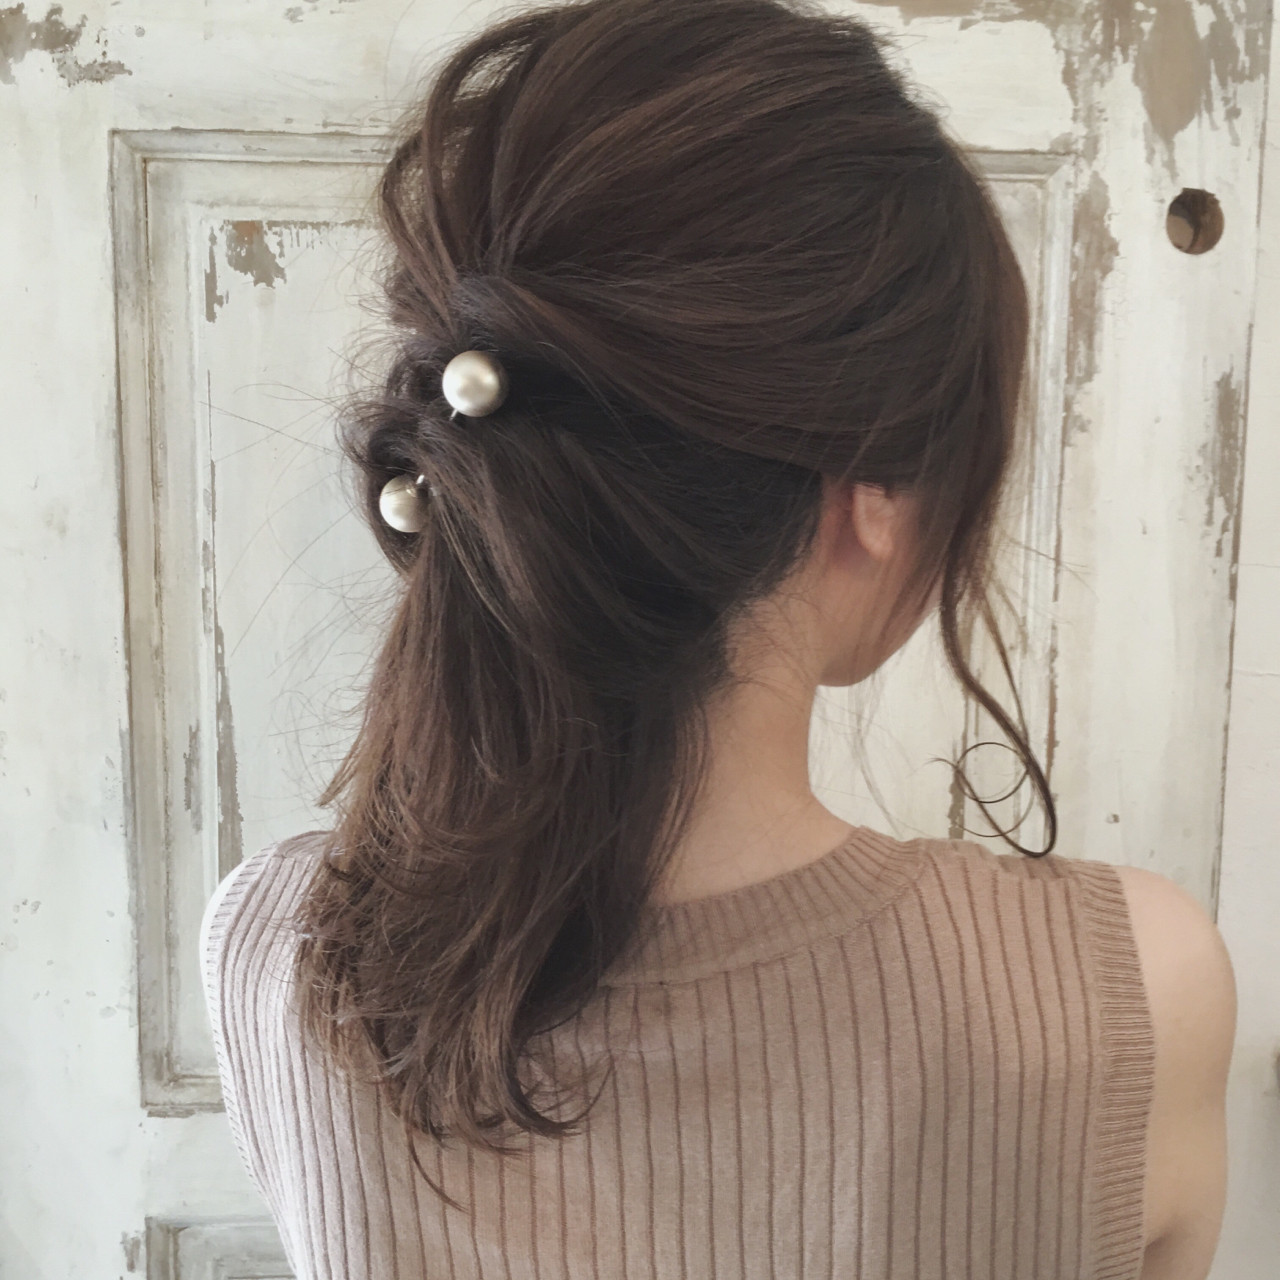 ナチュラル ヘアアレンジ ミディアム 結婚式 ヘアスタイルや髪型の写真・画像 | まなべっち / infini